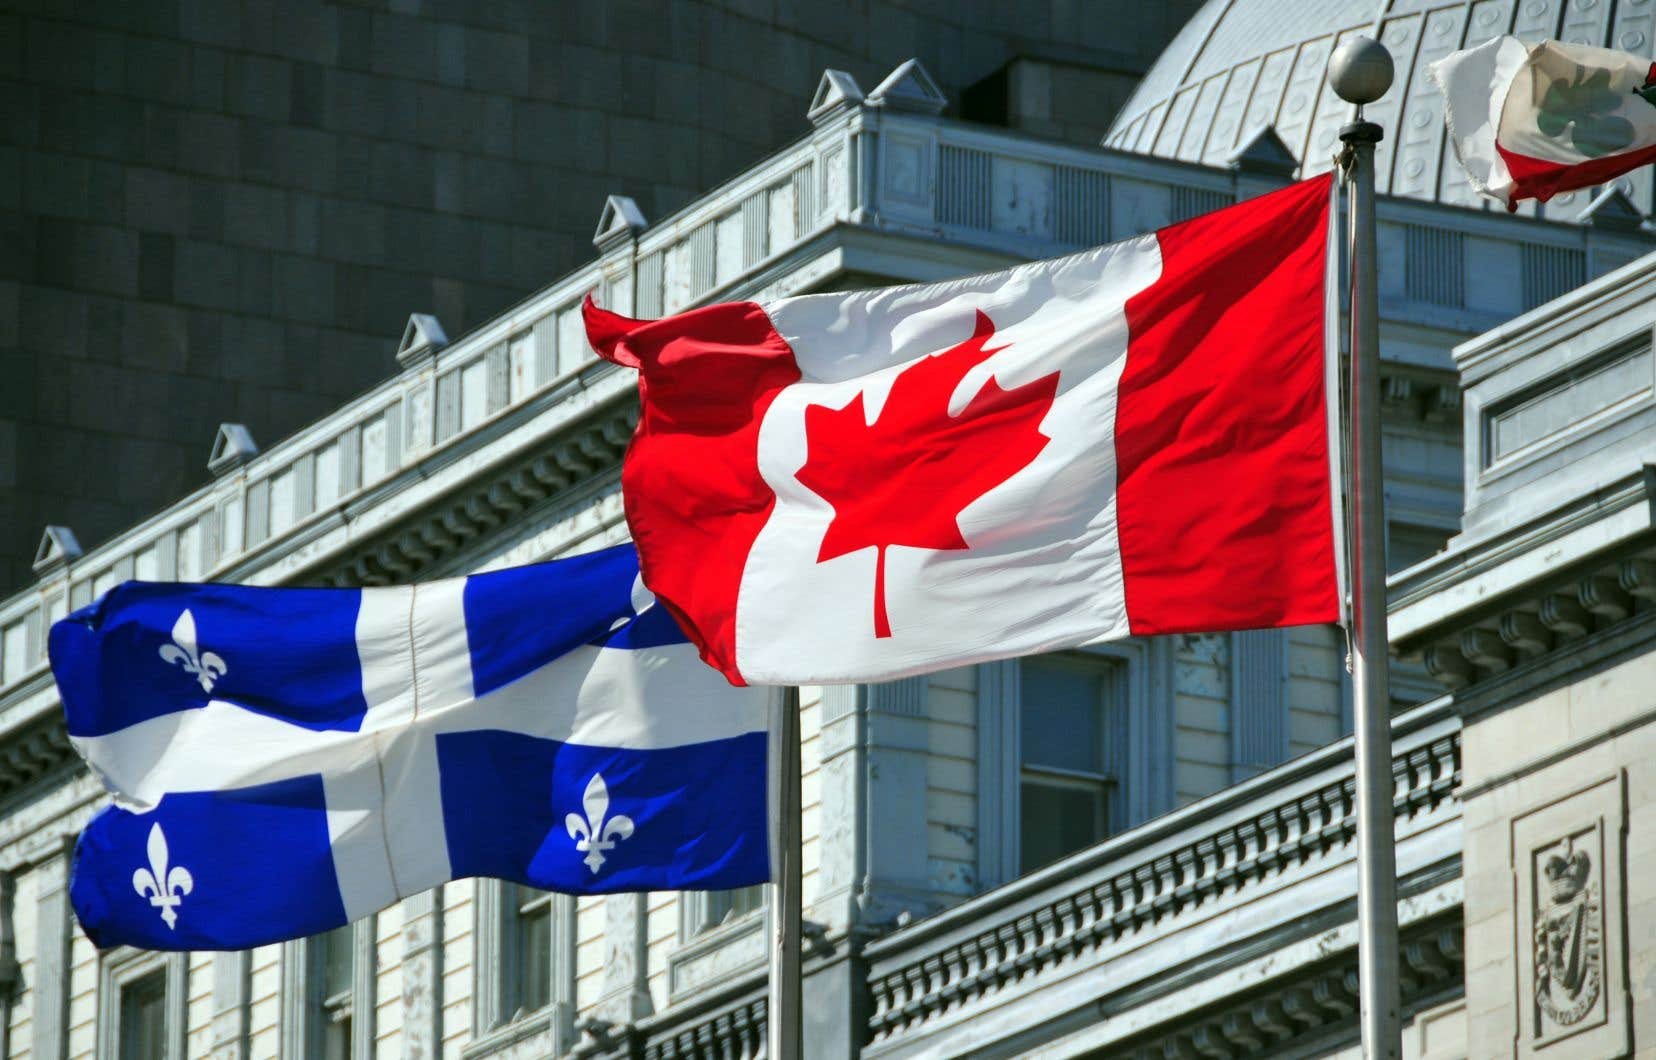 Les Québécois auraient intérêt à relancer le dialogue sur leur projet de société et leur vision du monde au XXIe siècle, soutient l'auteur.